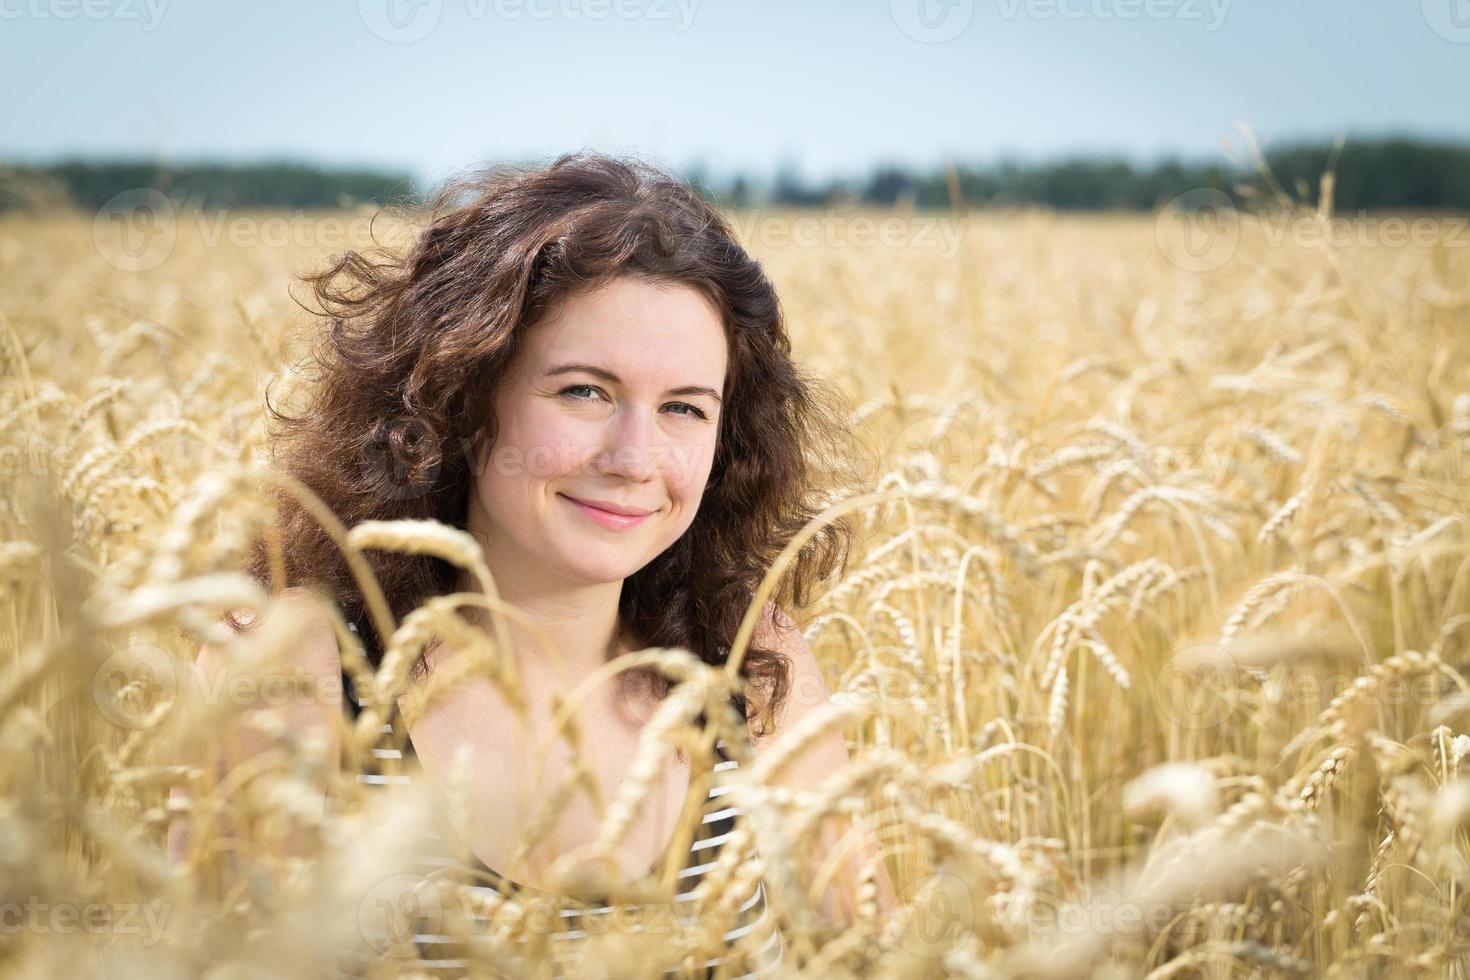 Chica en campo con trigo. foto